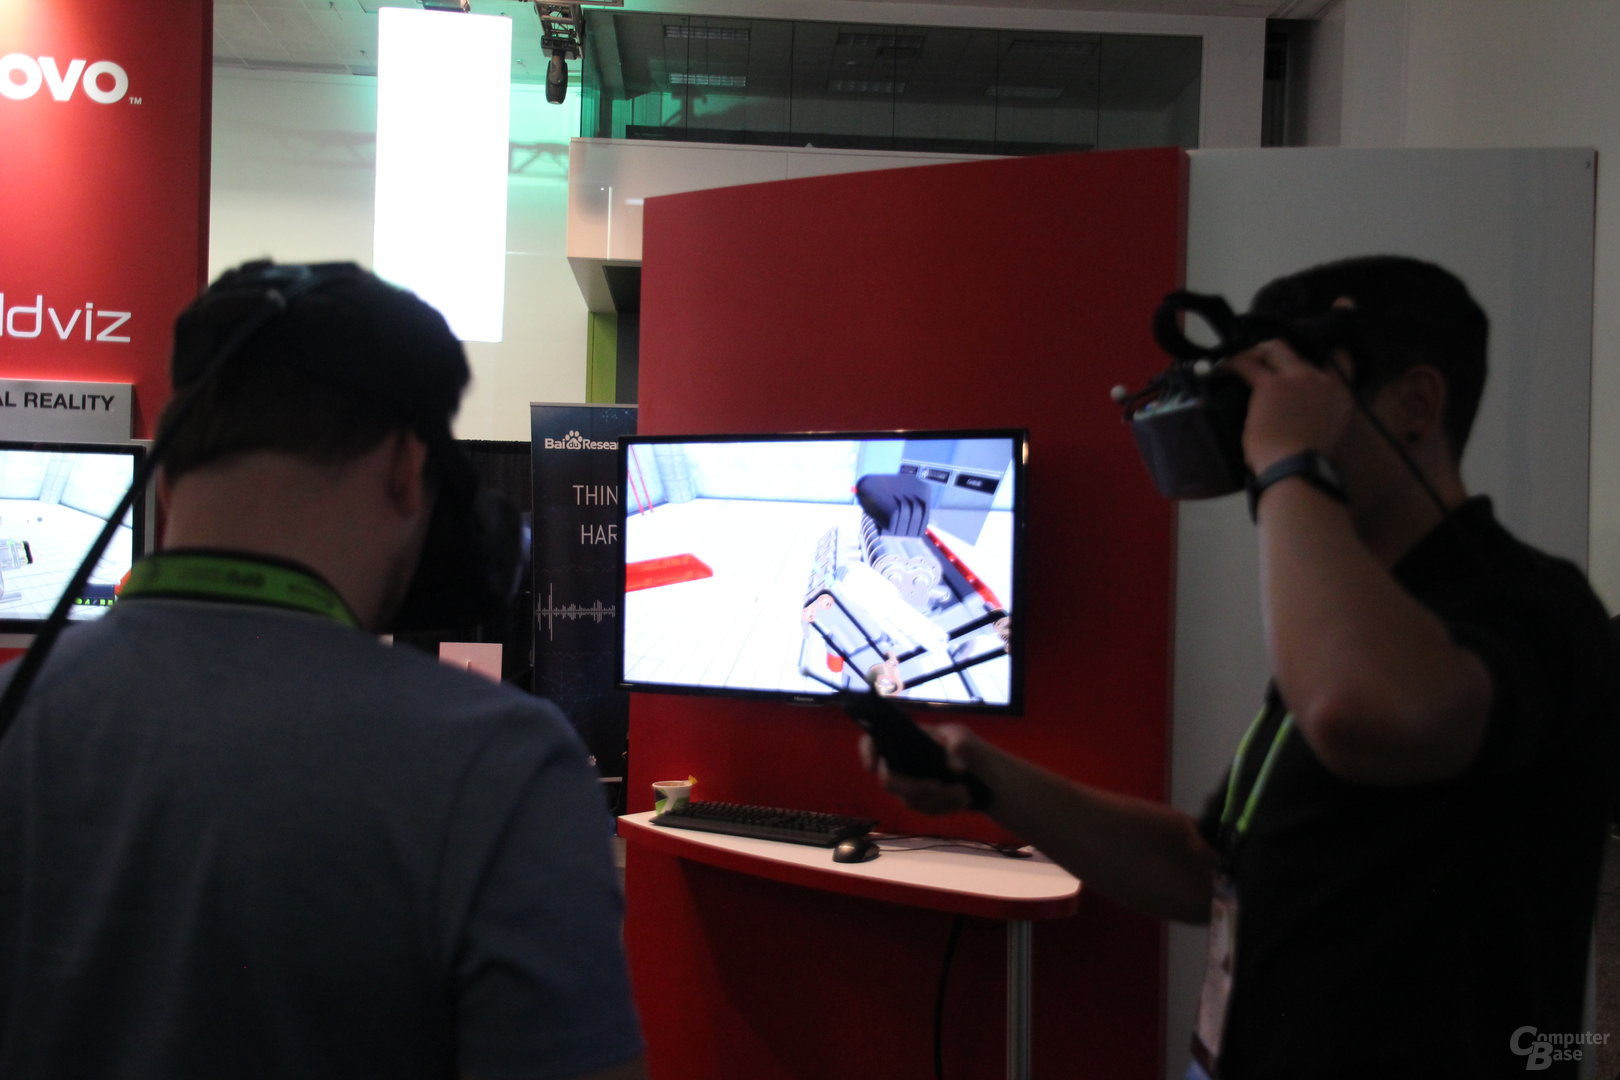 Worldviz zeigt VR-Interaktion zur GTC 2016